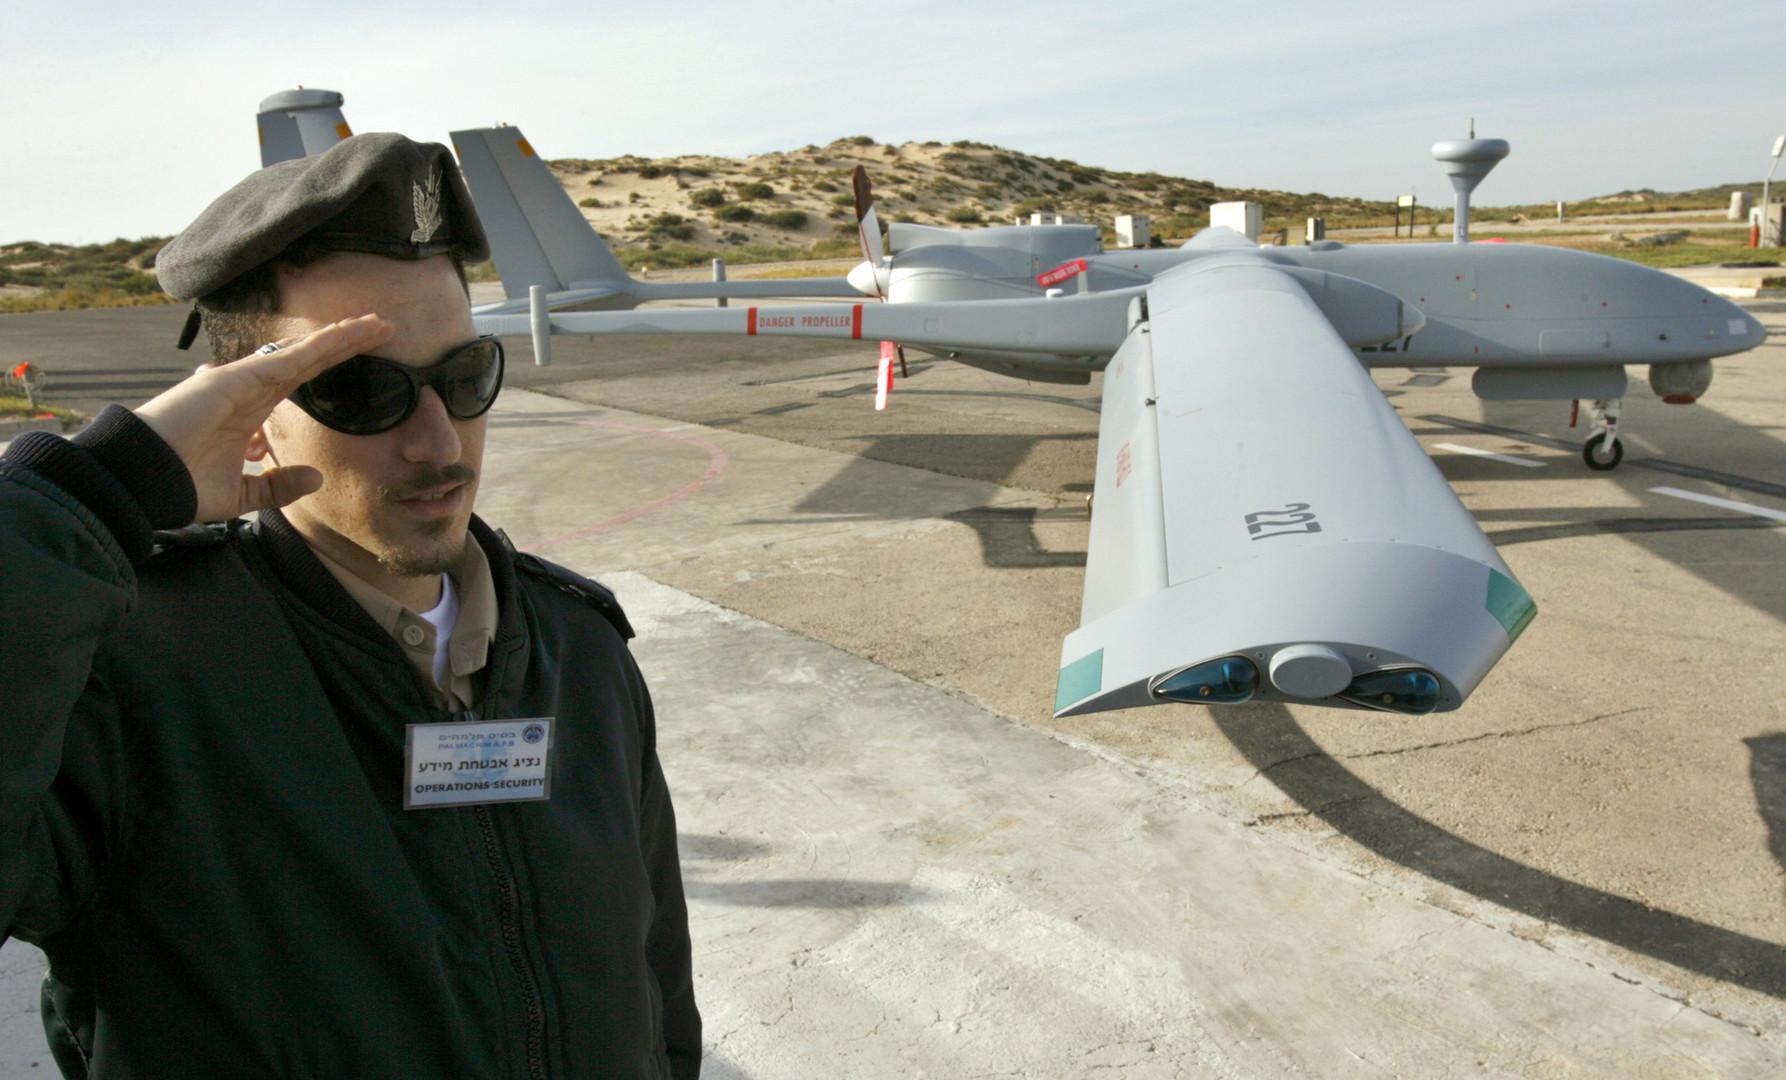 Ein Mitglied der Israeli Air Force neben der damals neuesten Heron-Drohne, Israel, Ashdod März 2007.